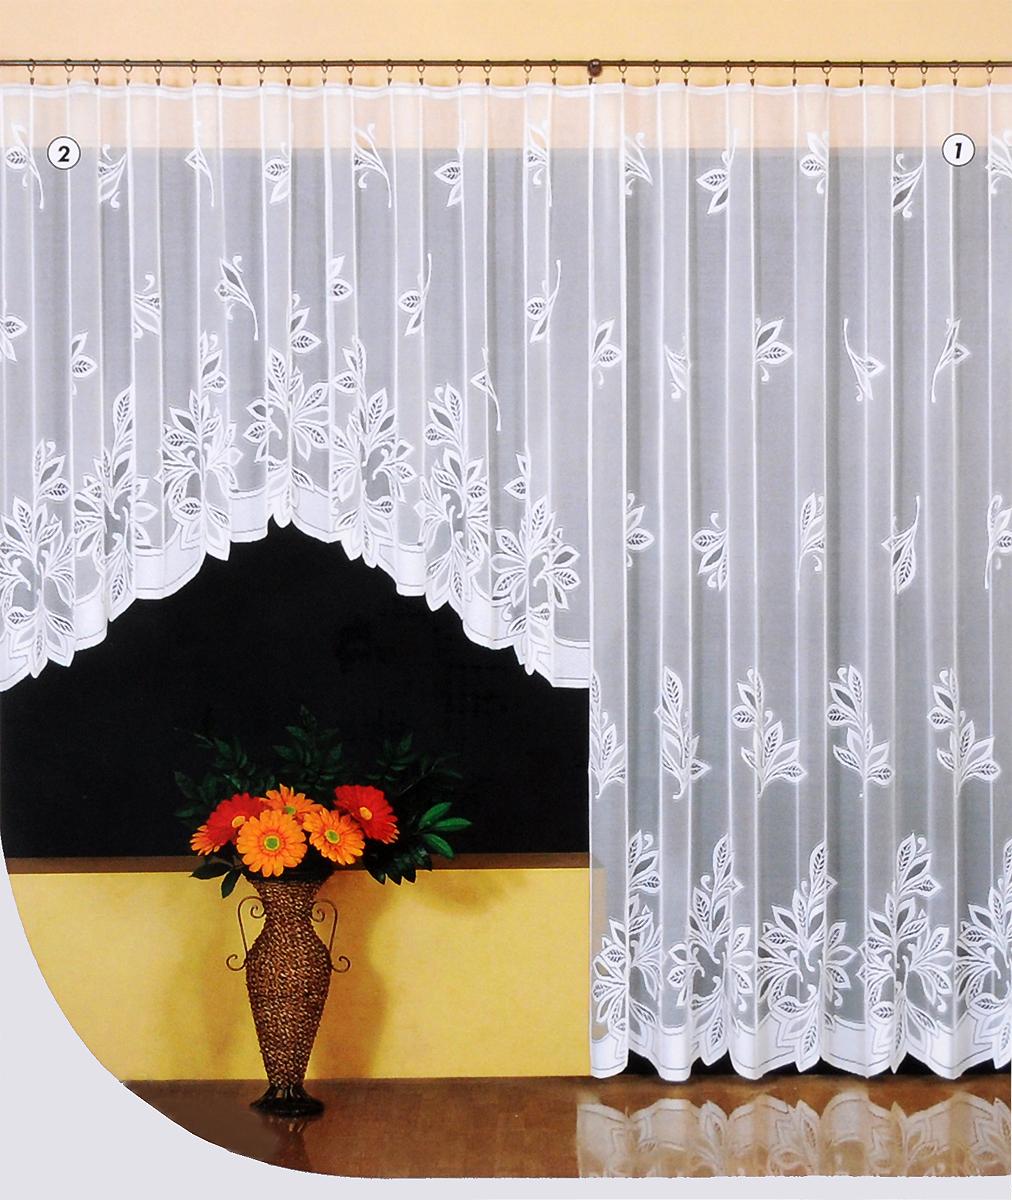 """Жаккардовая гардина """"Wisan"""", выполненная из легкого полупрозрачного полиэстера, станет великолепным украшением окна в спальне или гостиной. Отлично подходит по размеру под балконный блок на прилегающее окно. Изделие дополнено красивым рисунком по всей поверхности полотна. Качественный материал, тонкое плетение и оригинальный дизайн привлекут к себе внимание и позволят гардине органично вписаться в интерьер помещения. Гардина оснащена шторной лентой под зажимы для крепления на карниз."""